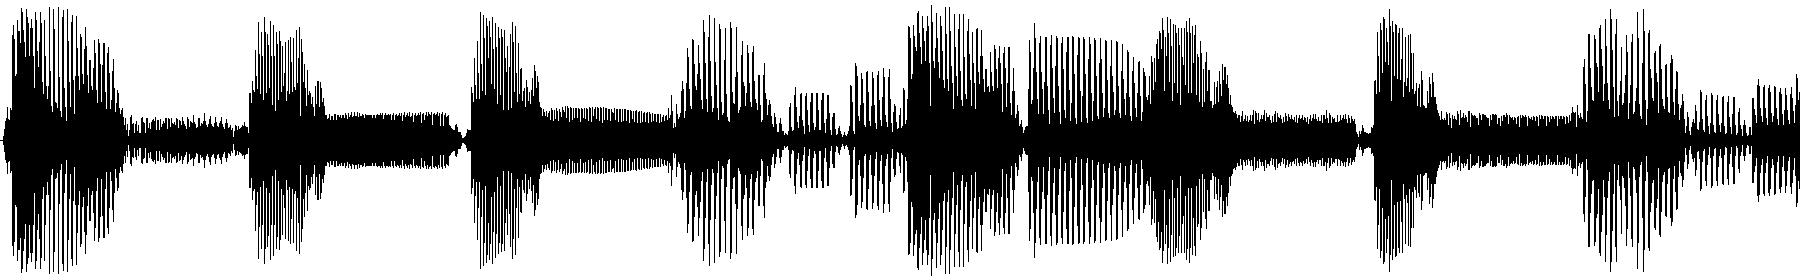 guitarfunk21 120